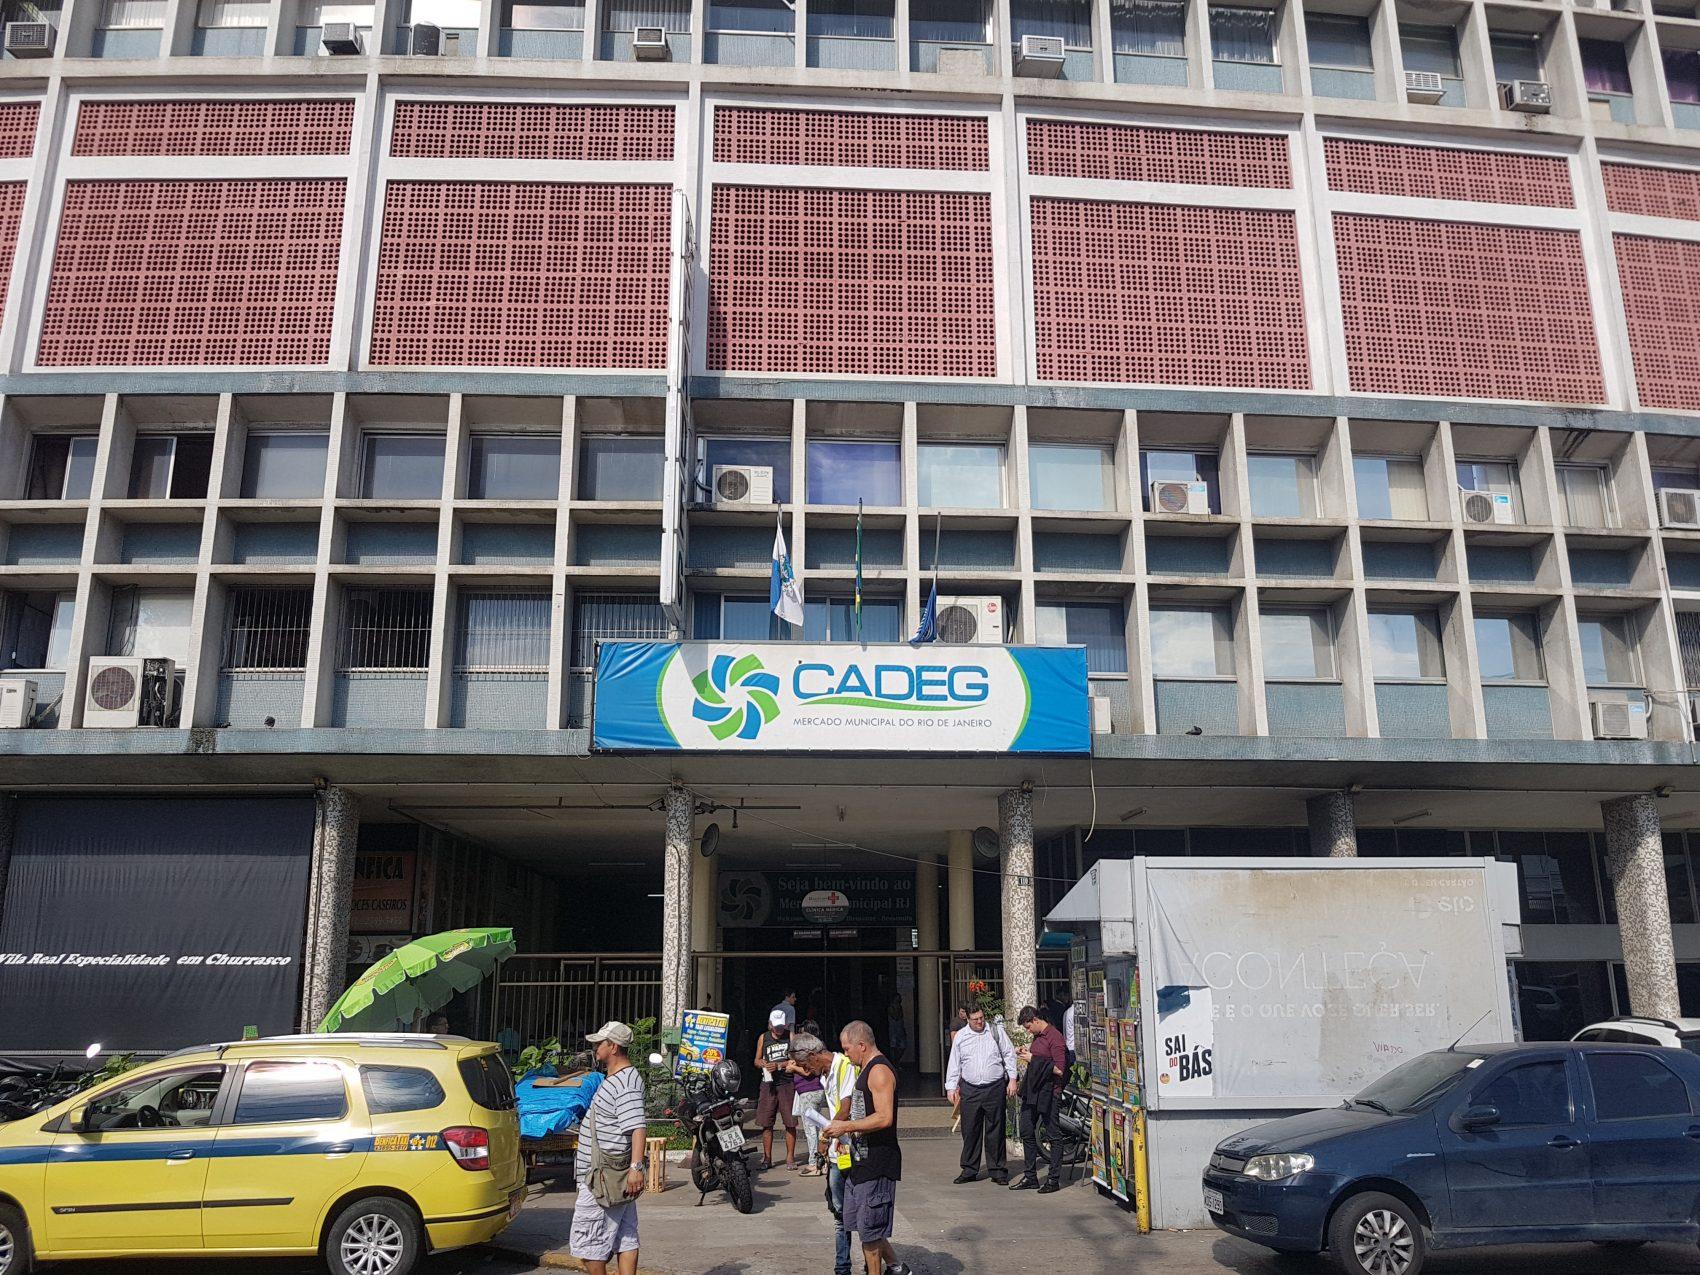 """O Cadeg, o Mercado Municipal do Rio, maantém o charme """"raiz"""" (Foto Oscar Valporto)"""